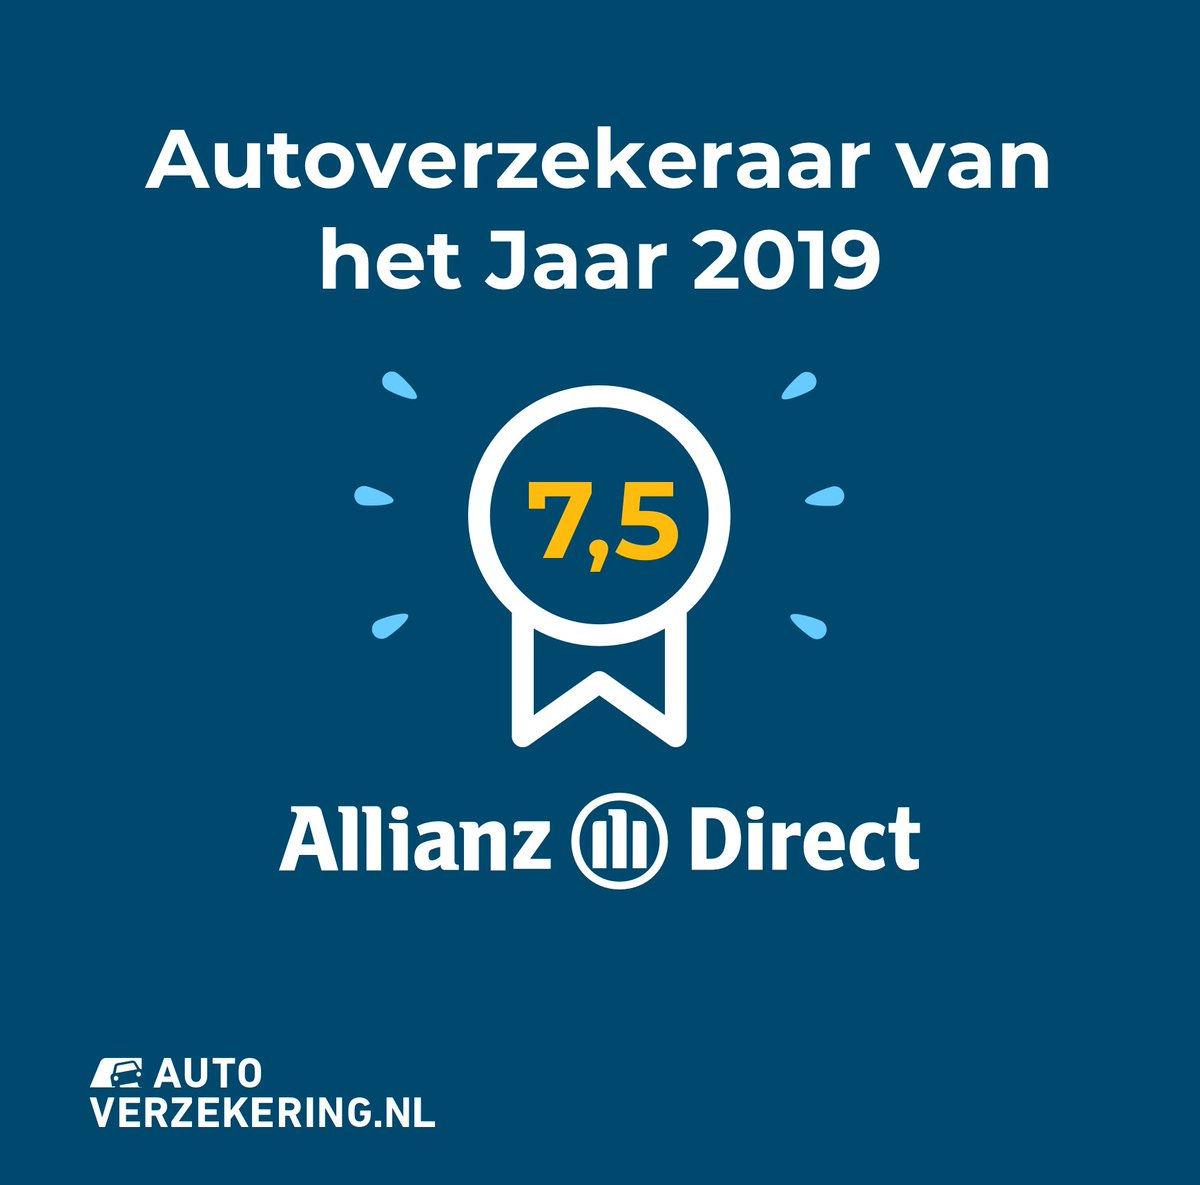 Trots! 👏🥳 Deze week werden we na onderzoek van @autoverzekernl uitgeroepen tot Autoverzekeraar van het Jaar 2019. 🚘 #AllianzDirect #Award  Hier lees je hoe we het er vanaf brachten 👉 https://t.co/P1wi2fpVrN https://t.co/HdTWMxTSYJ